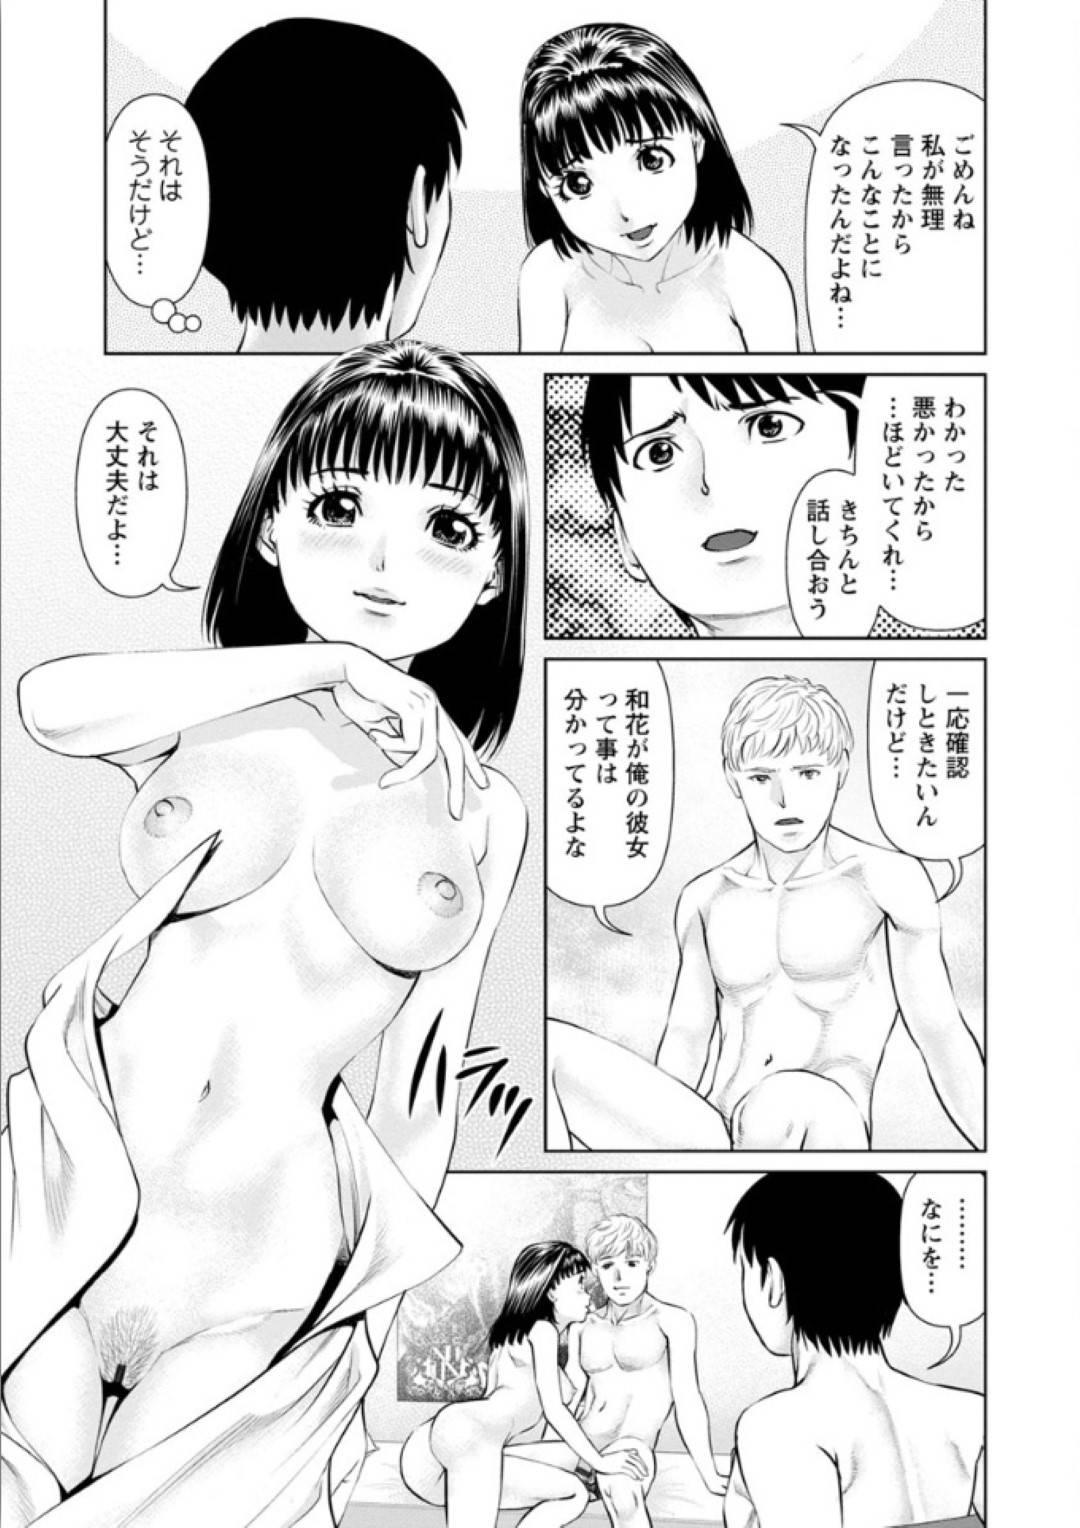 【エロ漫画】浮気相手を拘束して目の前で彼氏とヤりまくるビッチ女子は見られながらハメられて感じまくり生ハメセックスで絶頂